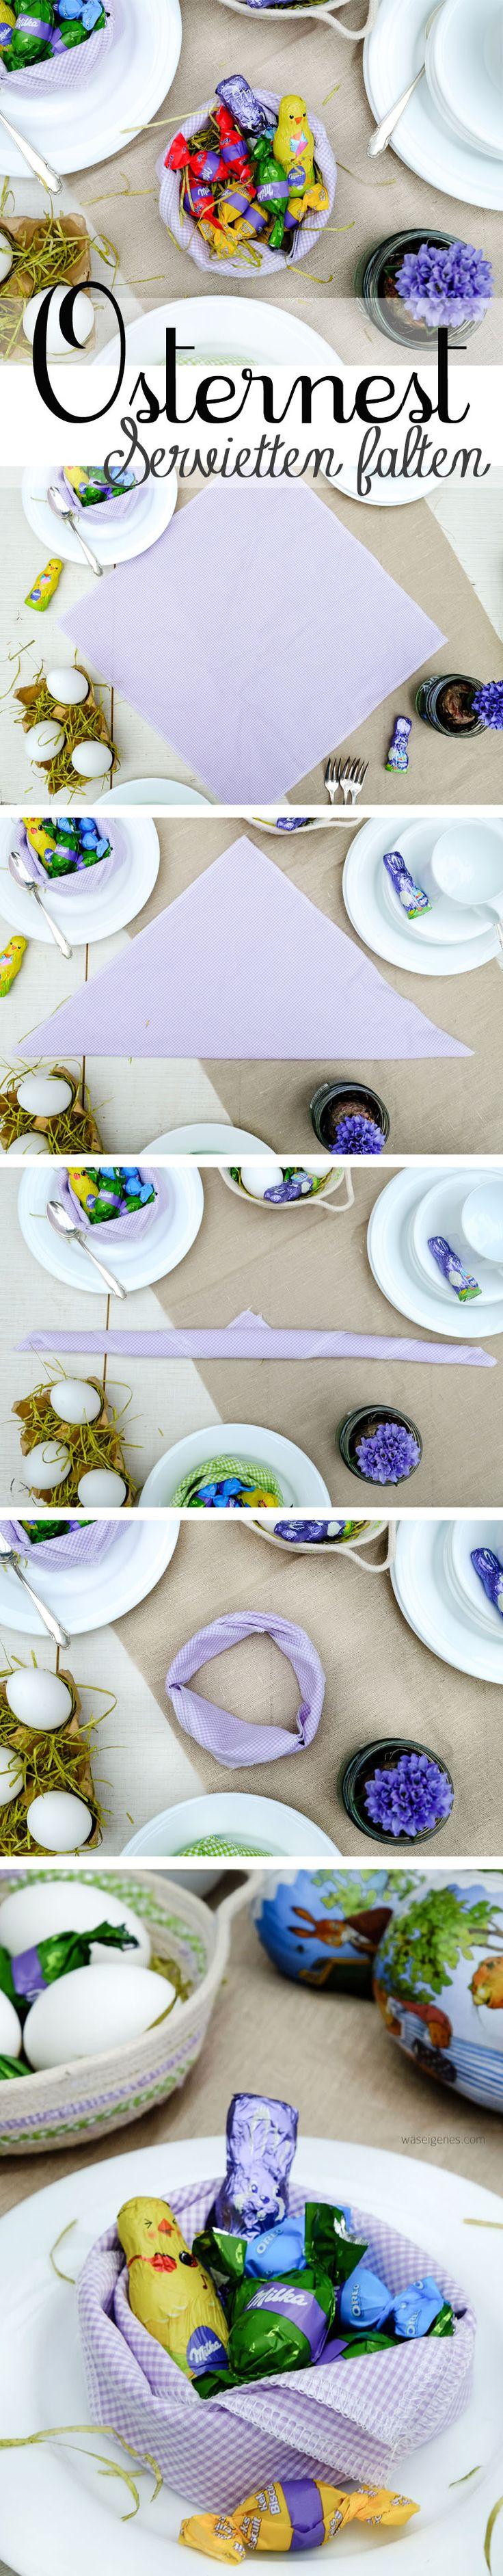 Osternester aus Servietten falten oder ein Osterkörbchen aus Kordel nähen